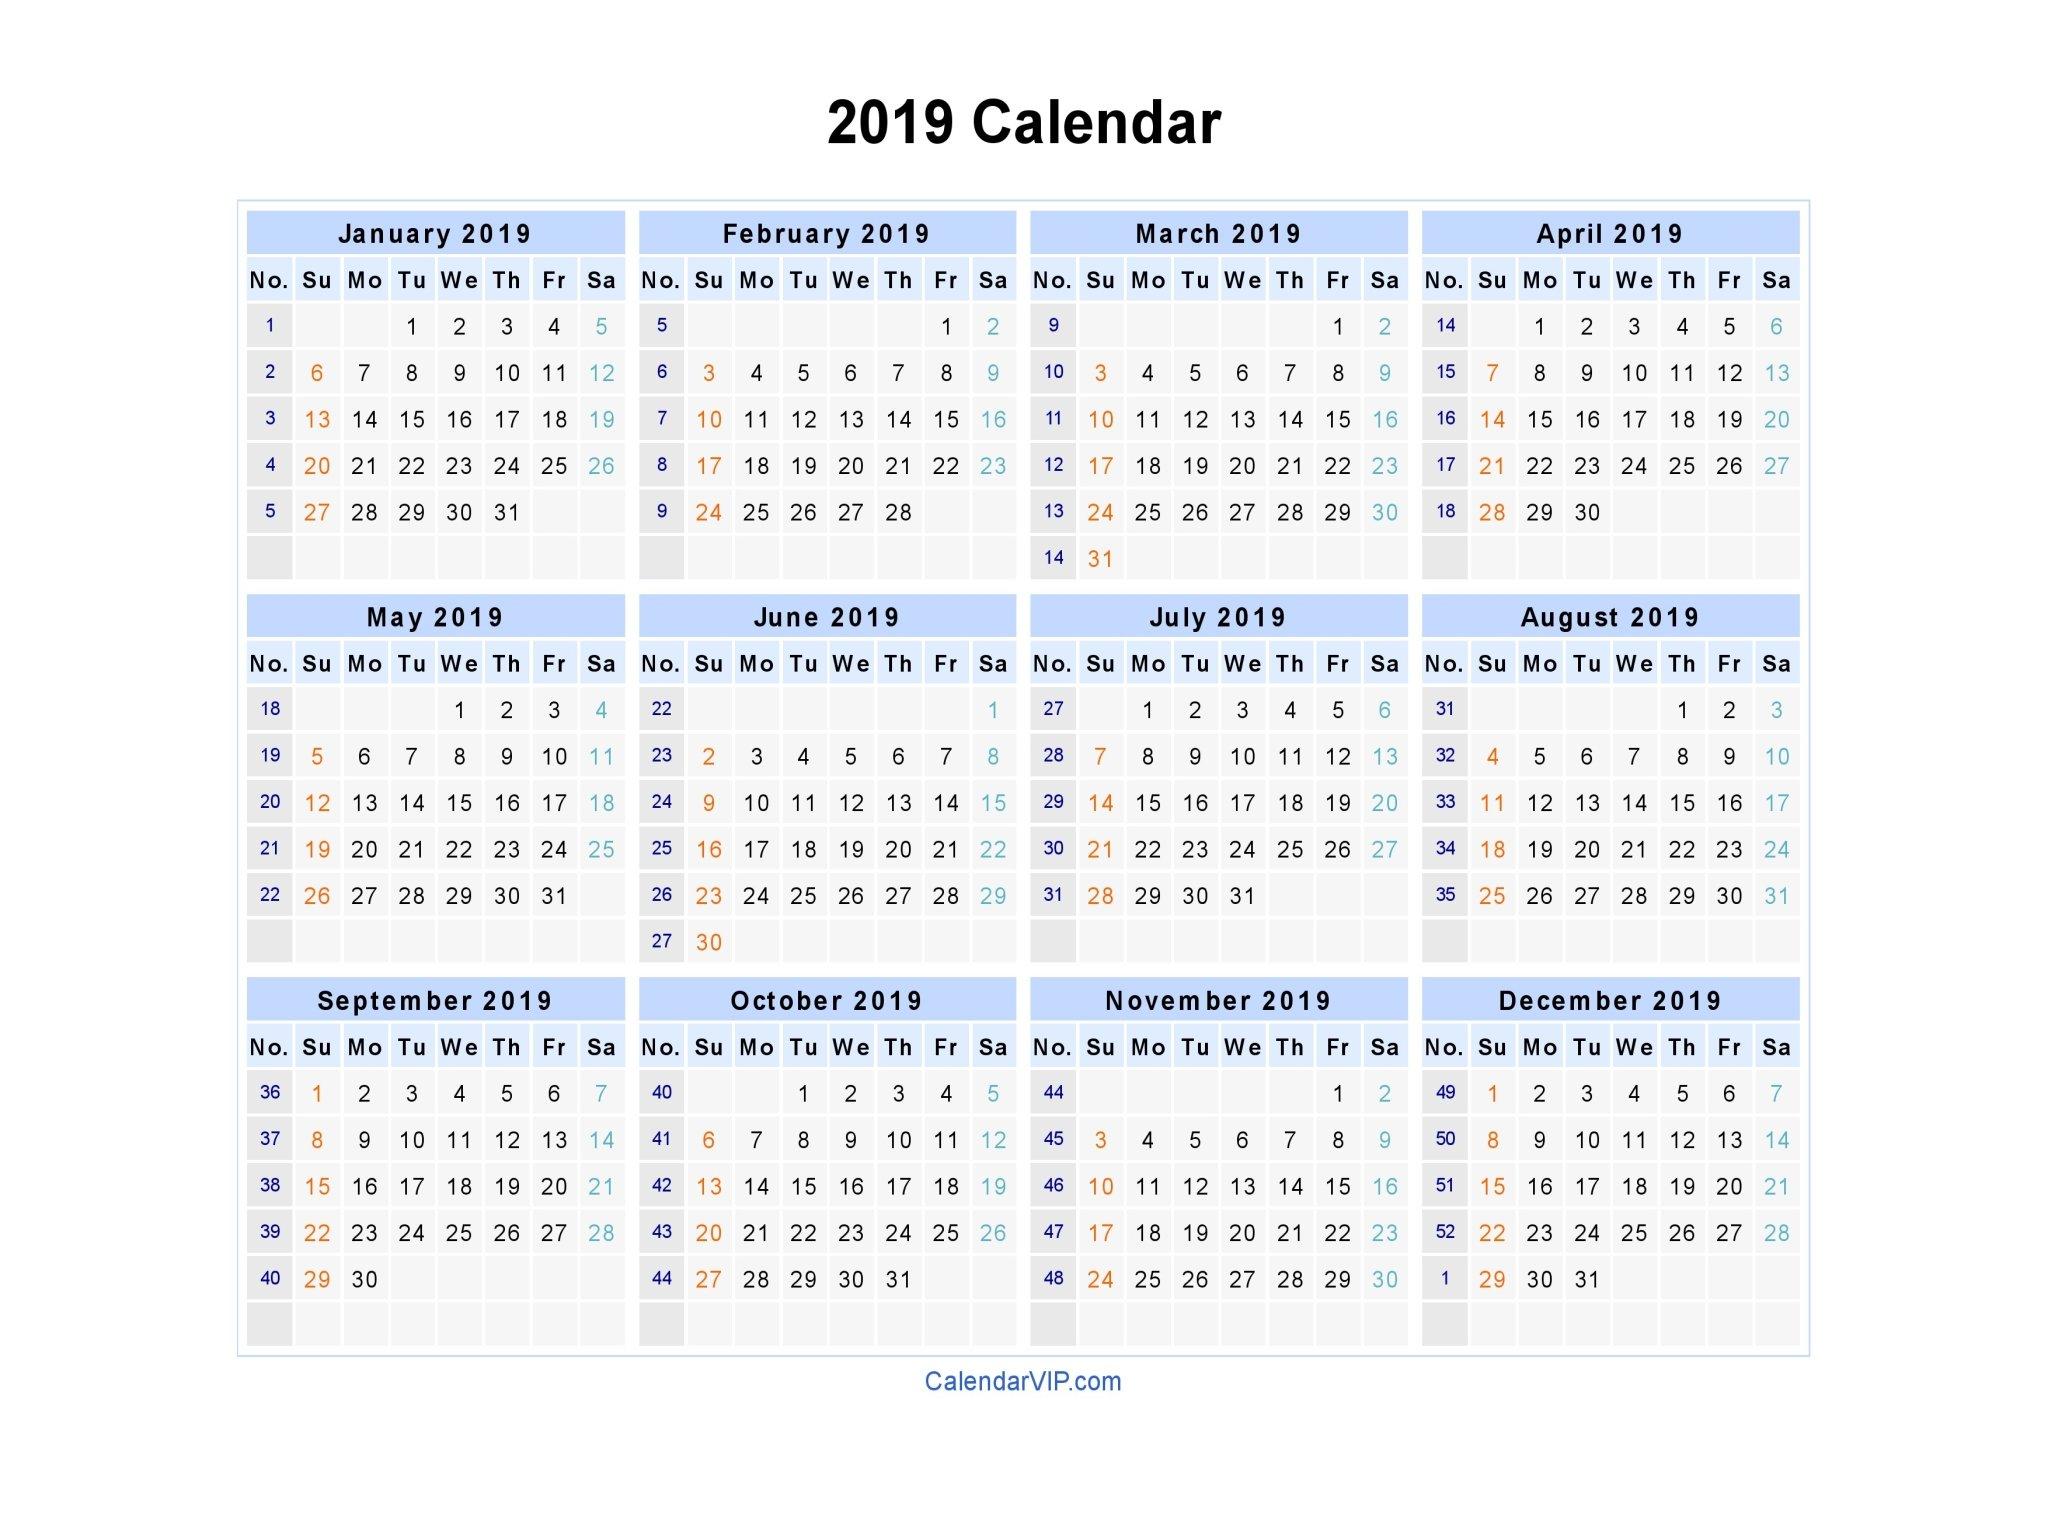 2019 Calendar – Blank Printable Calendar Template In Pdf Word Excel Calendar 2019 Numbered Weeks